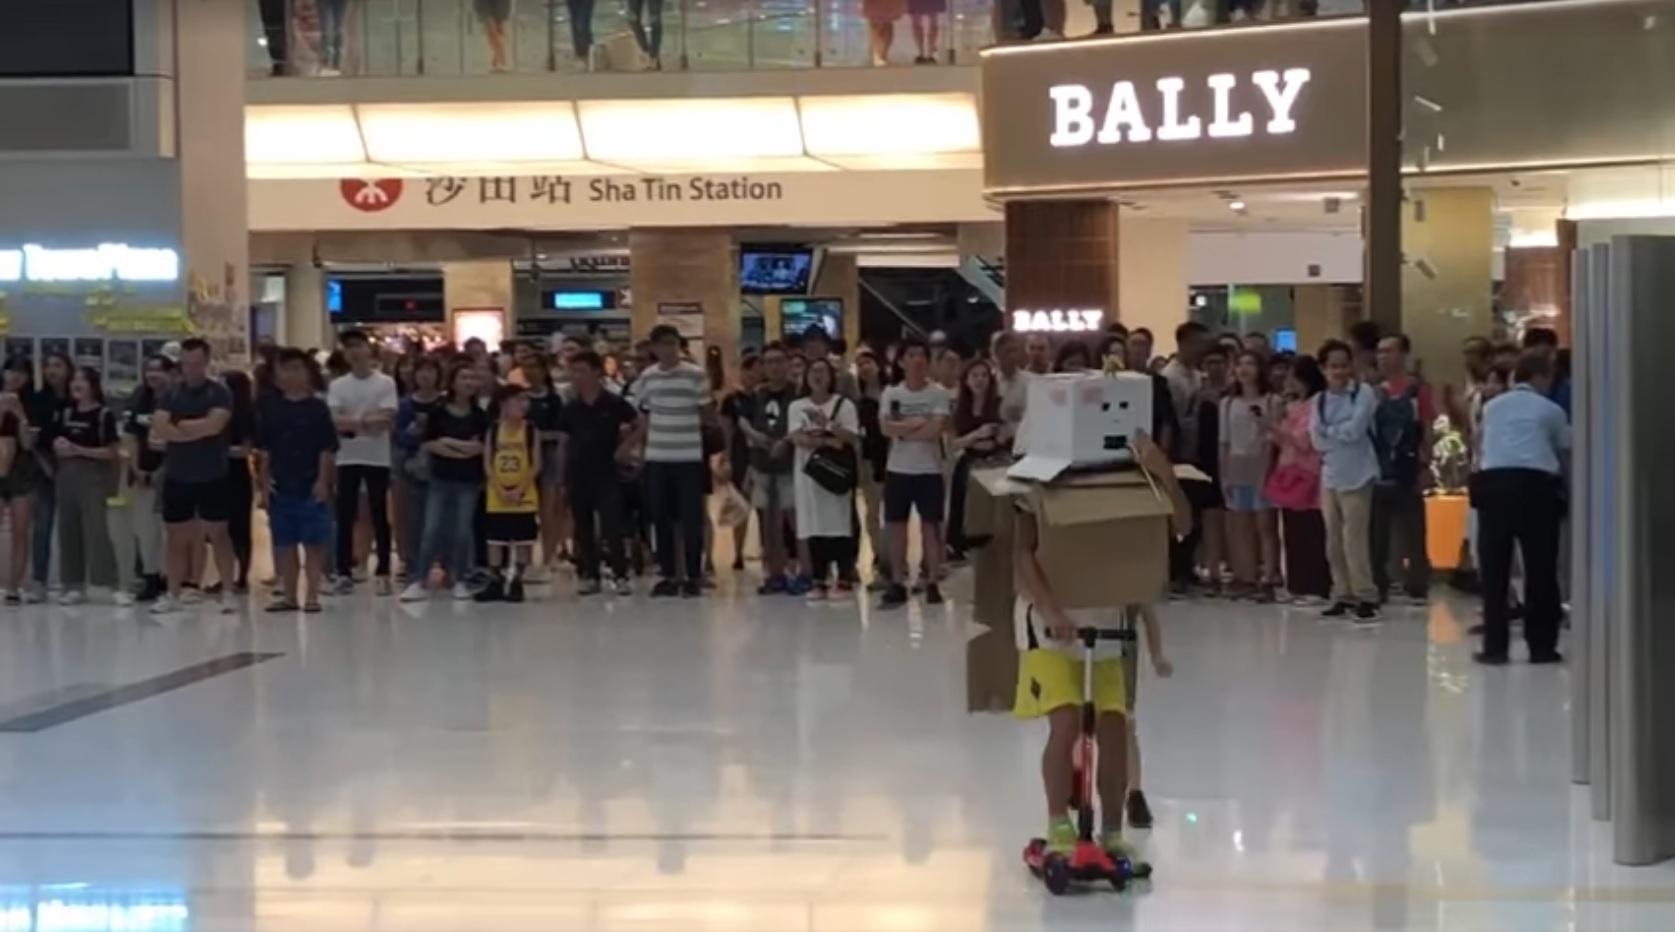 【修例风波】屯门沙田太古城有反修例人群聚集唱歌叫口号